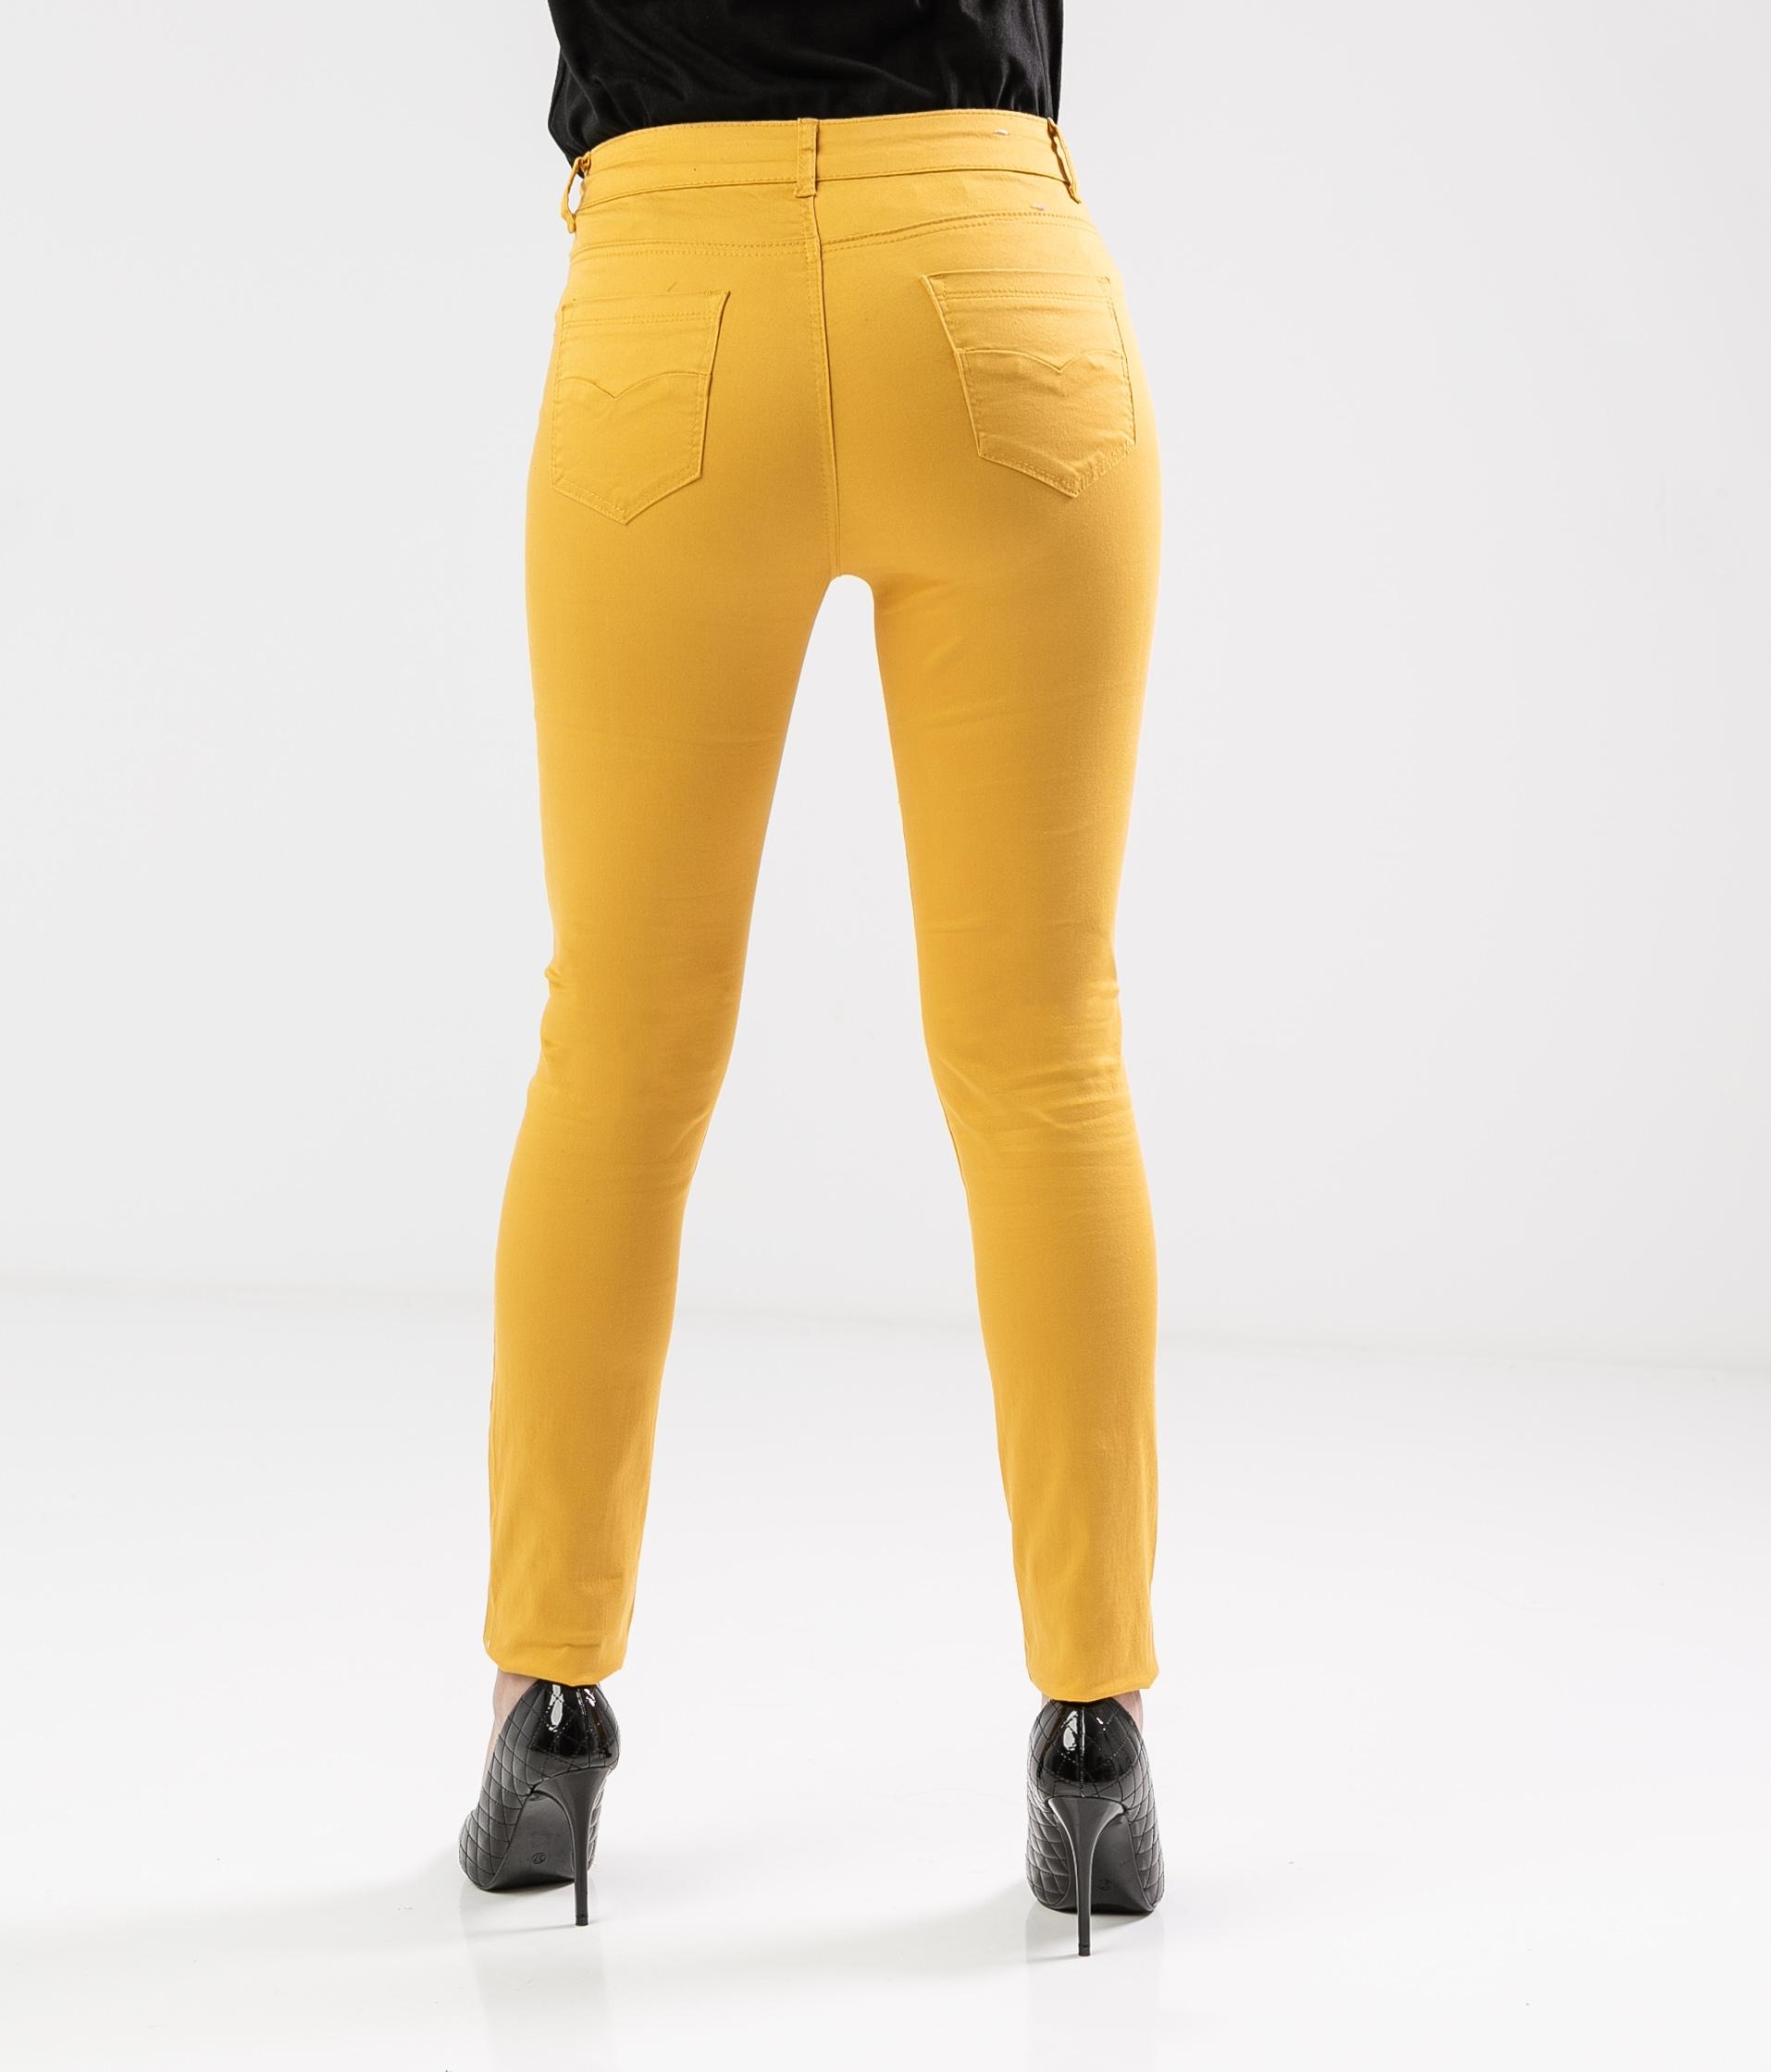 Pantalón Burun - Giallo